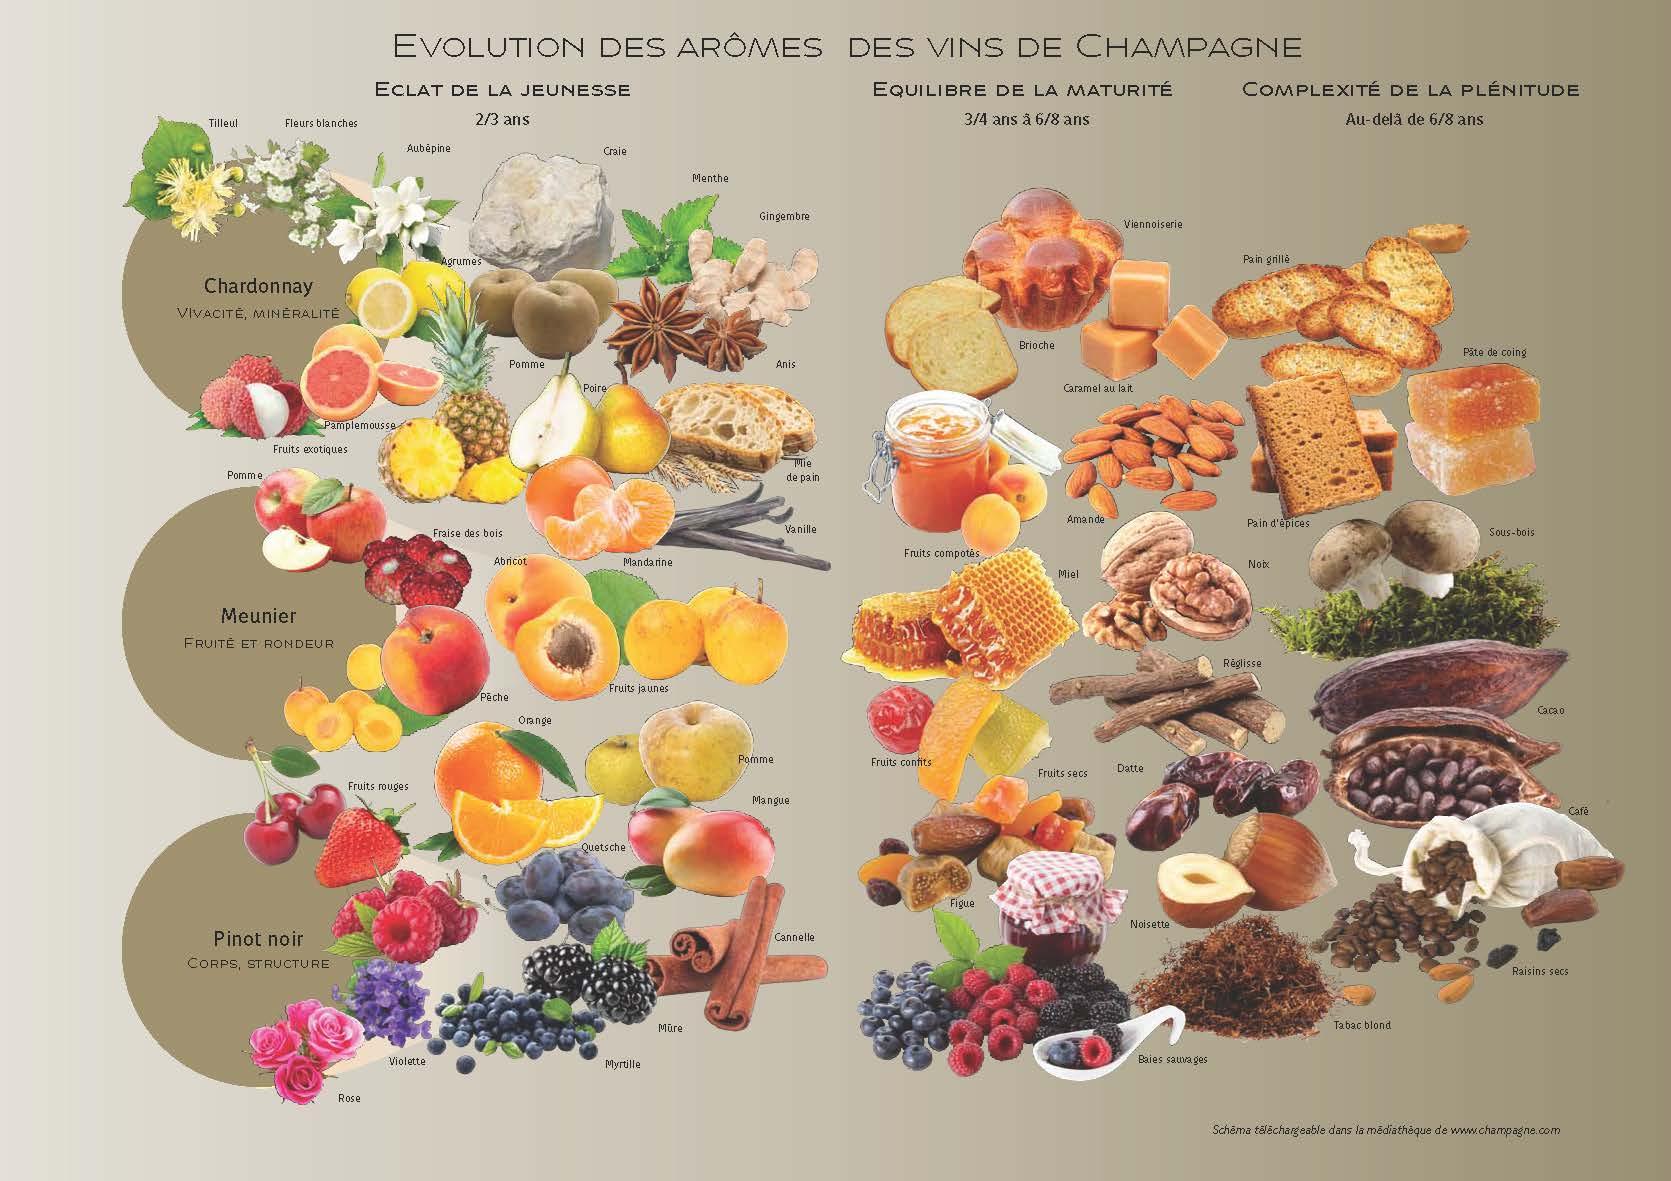 champagne-jaillant-actualites-carte-des-aromes